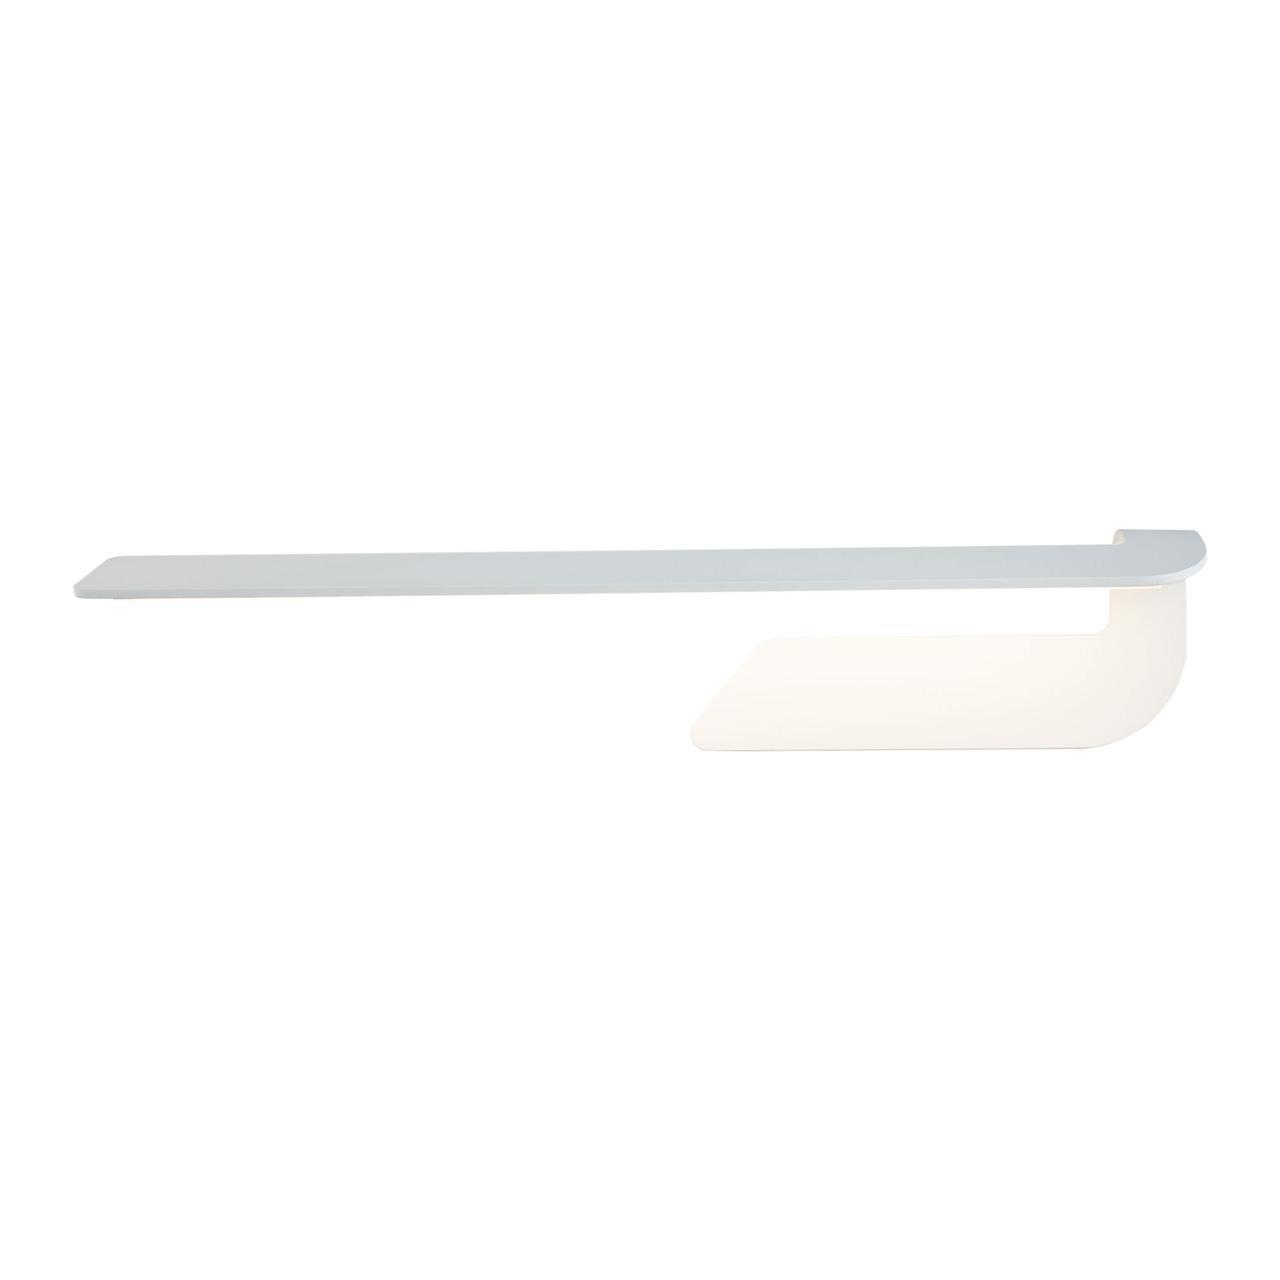 Бра Maytoni Berni C178WL-L18W maytoni настенный светильник maytoni berni c178wl l12w